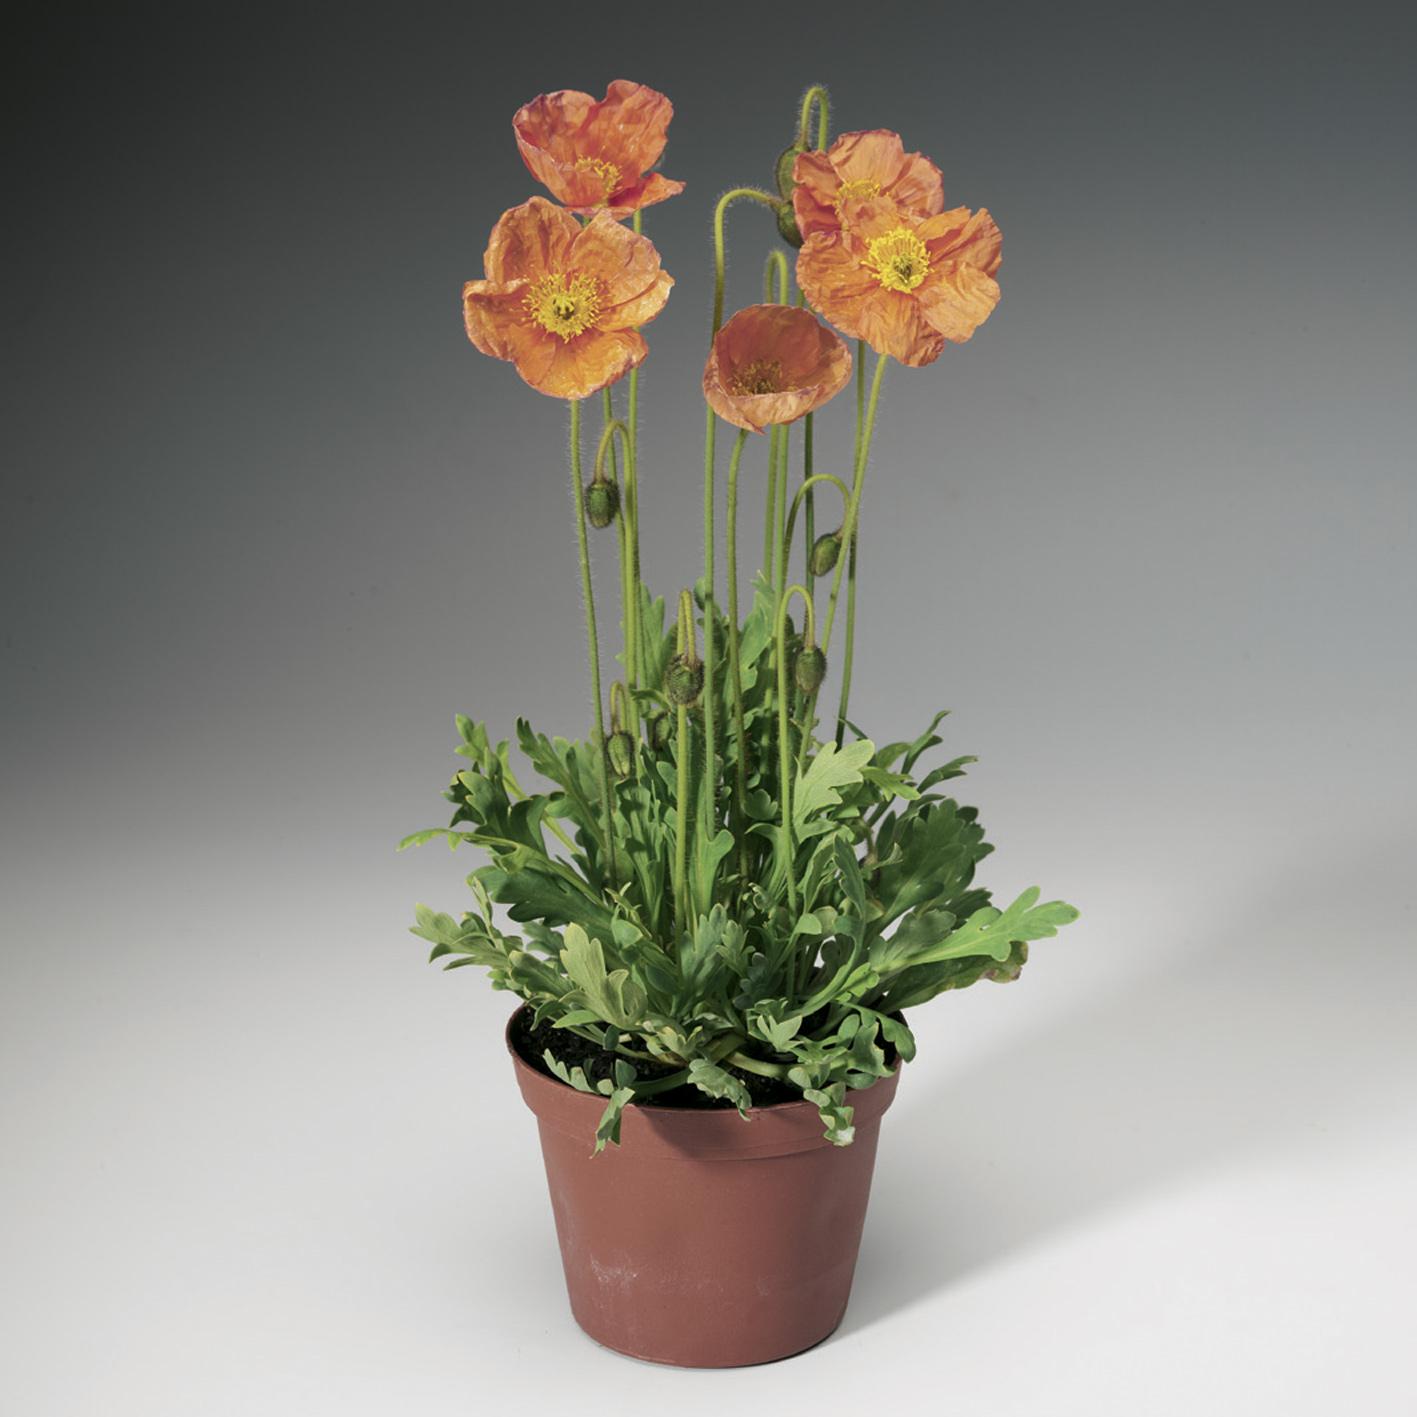 HR_Seed_Papaver_Spring_Fever®_Spring_Fever®_Rose_70004242.jpg